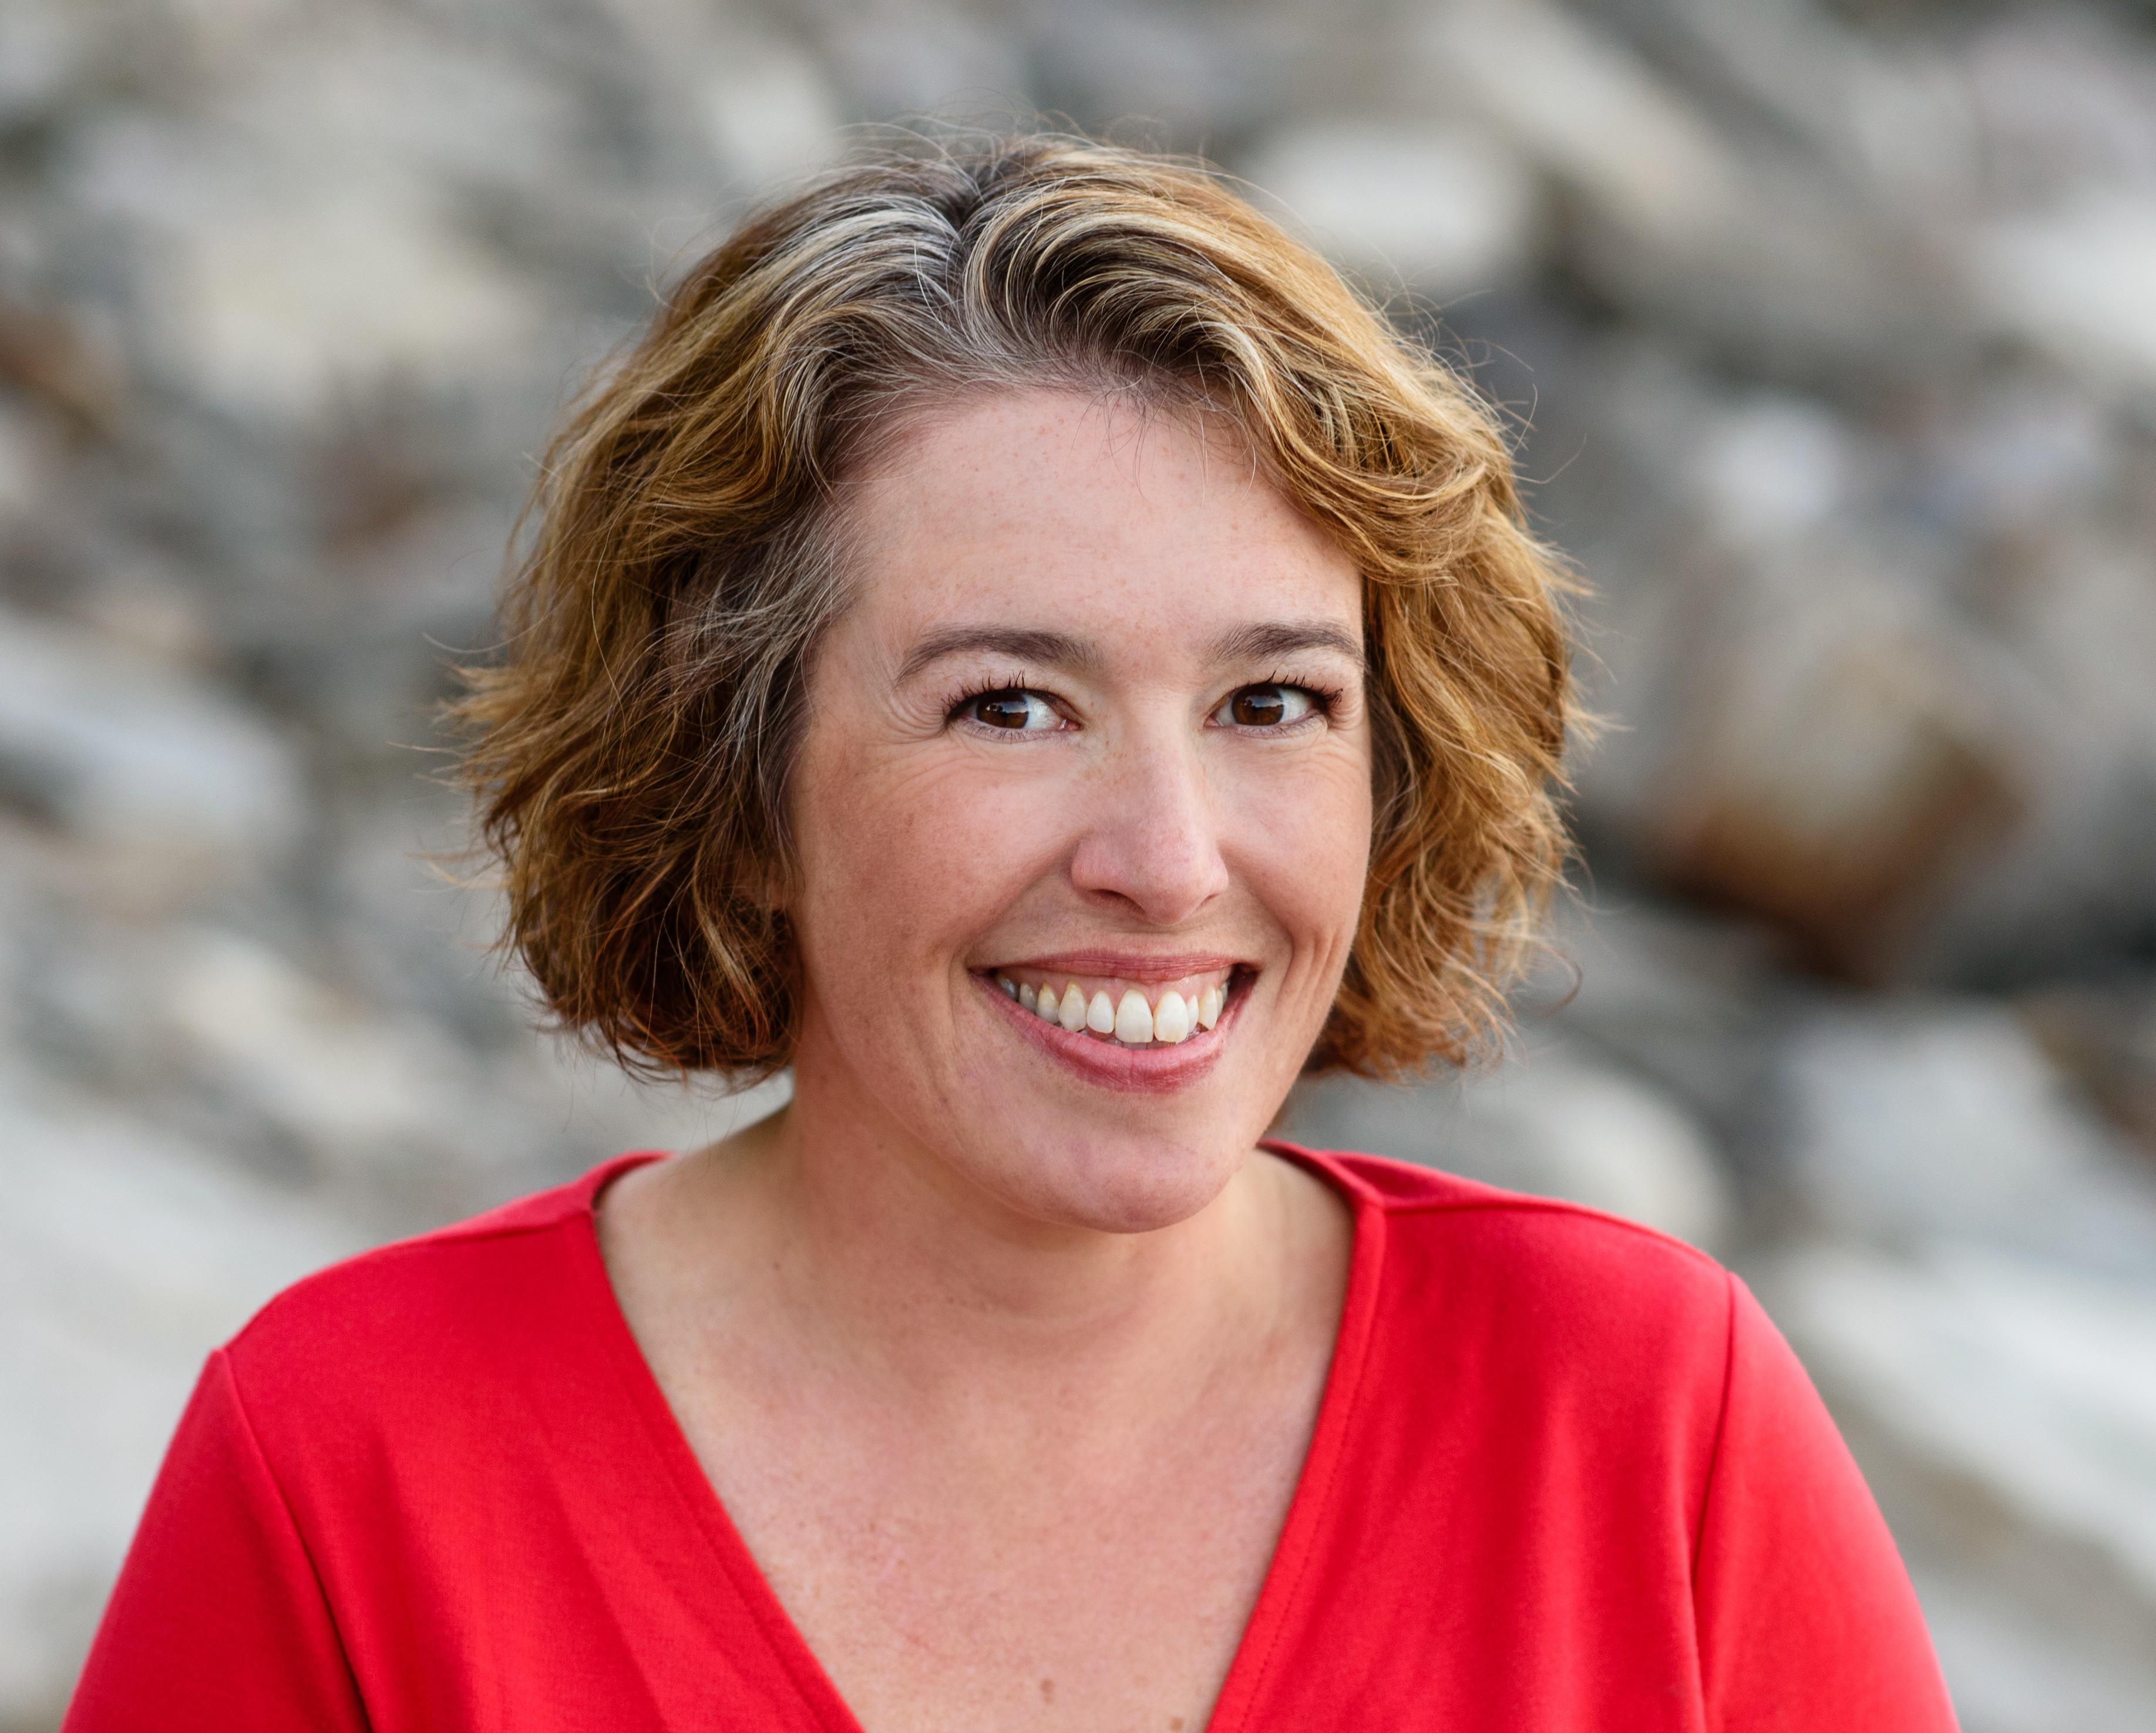 Jenna Daly